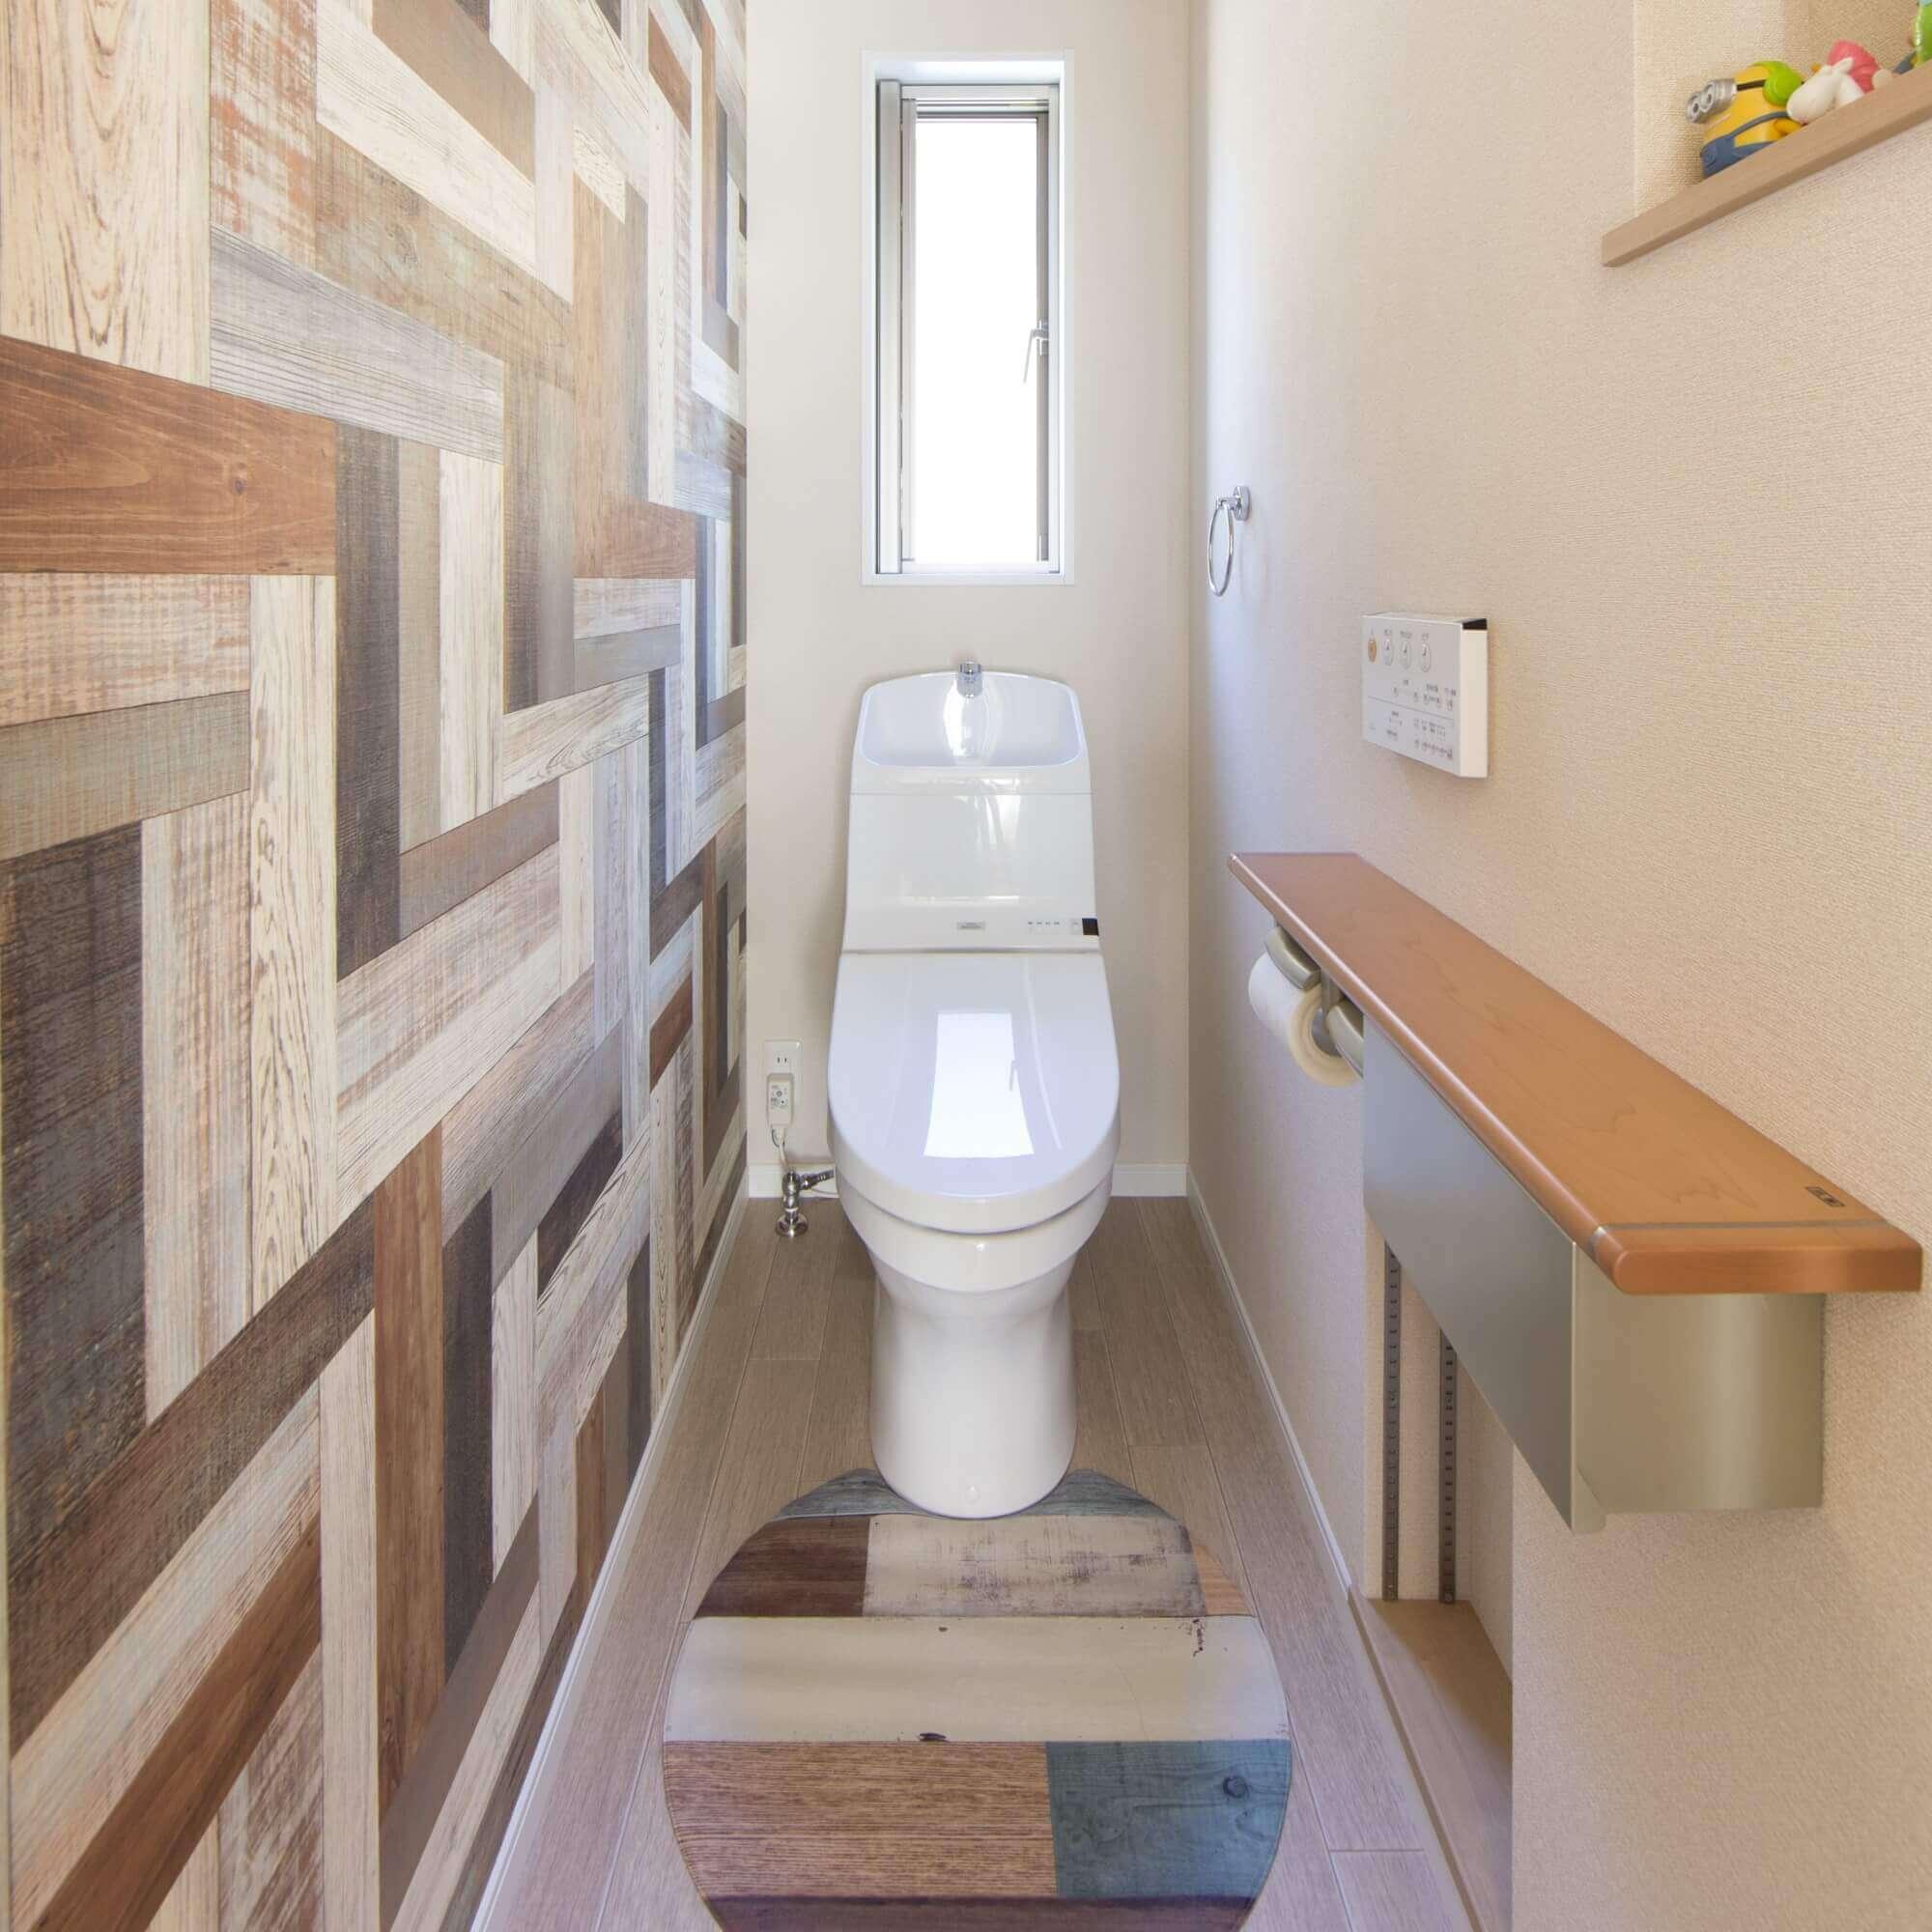 鹿沼市の注文住宅事例 トイレ